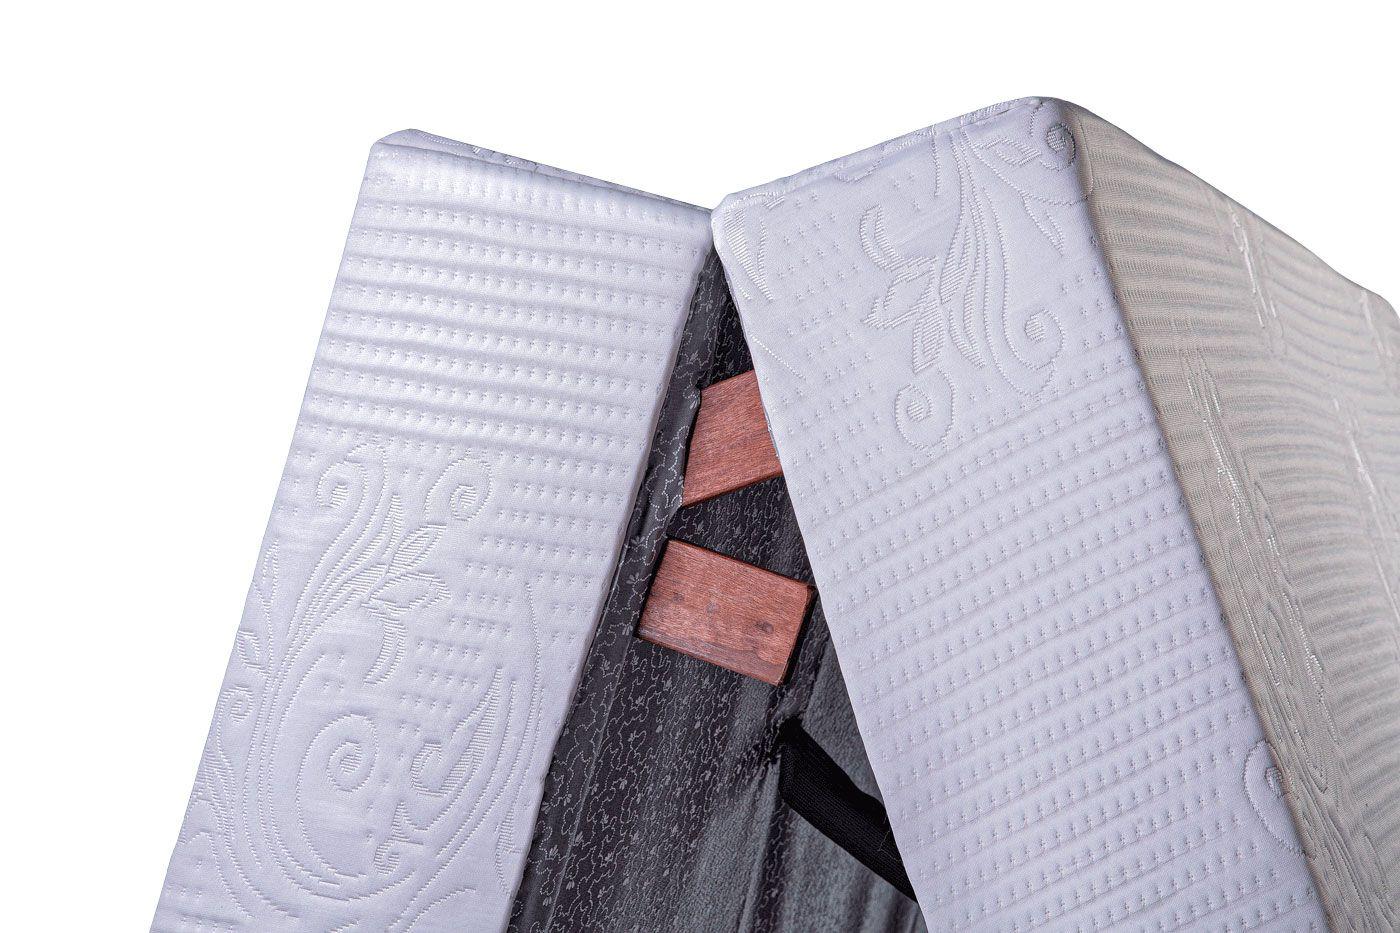 Cama Dobrável, Solteiro de Abrir com Colchão Embutido 90cm x 190cm Kenko Premium  - Kenko Premium Colchões